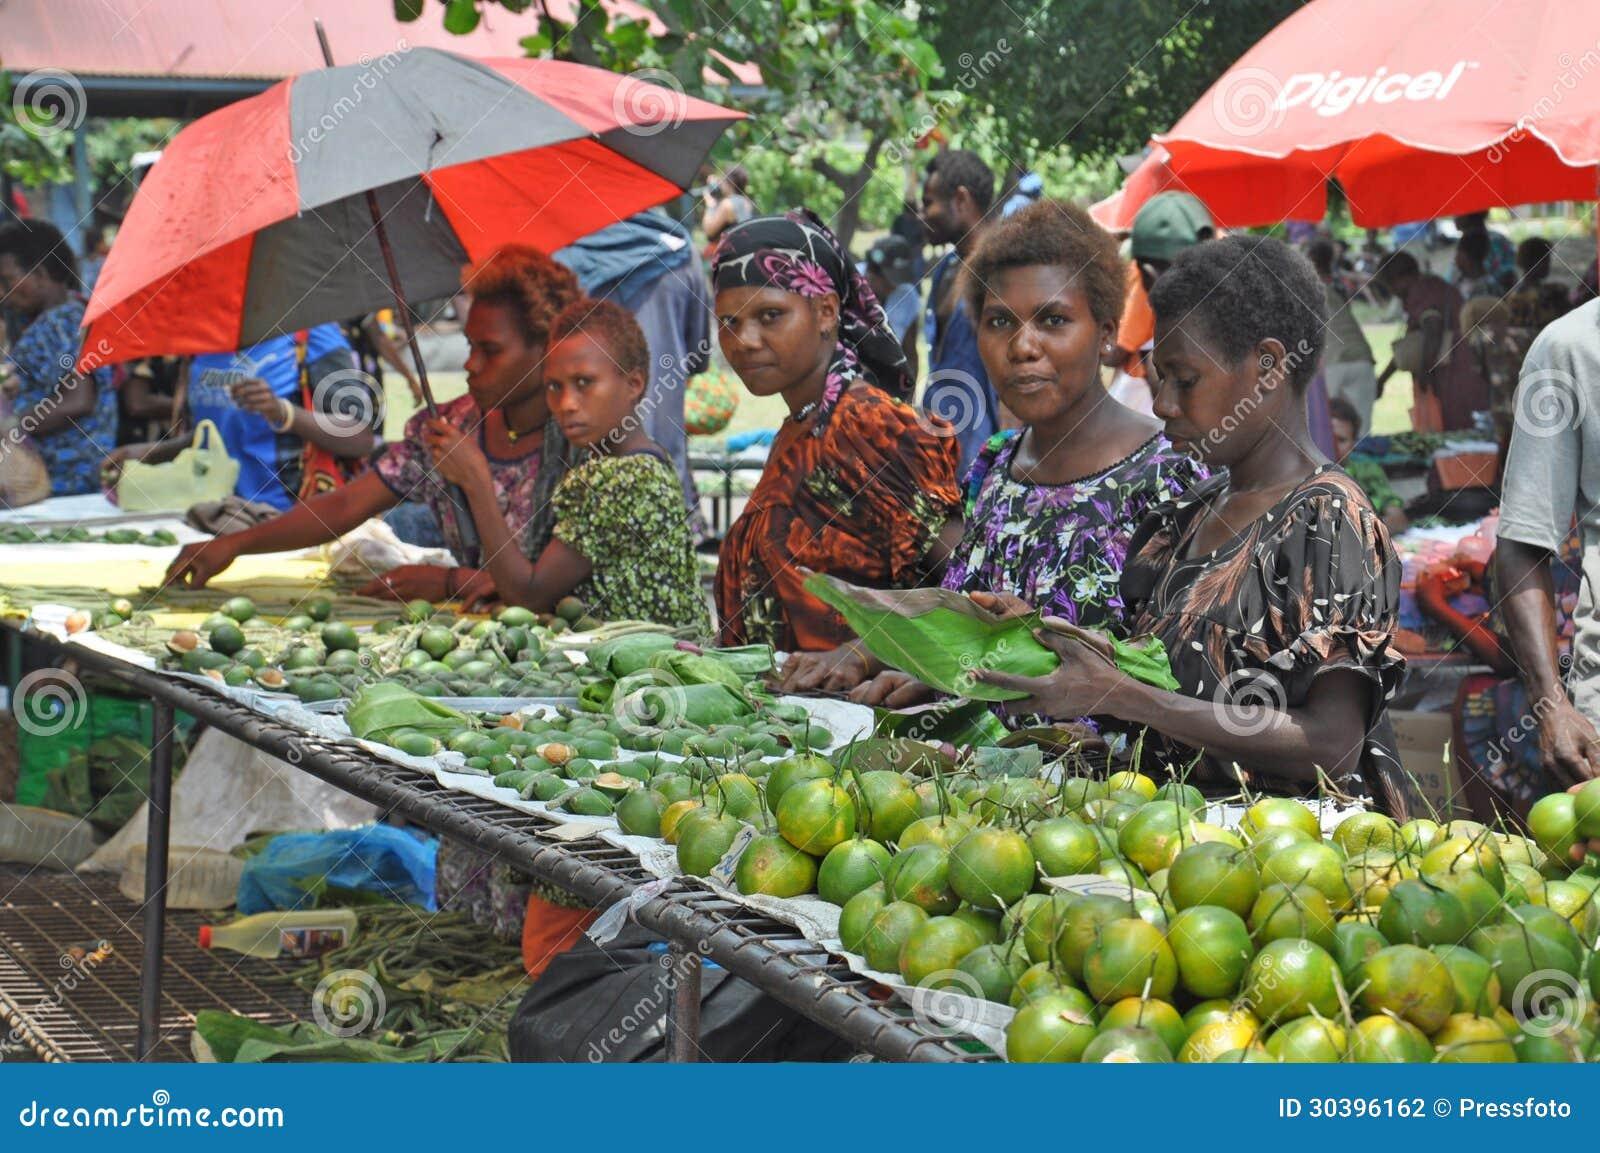 Papua New Guinea Food Culture